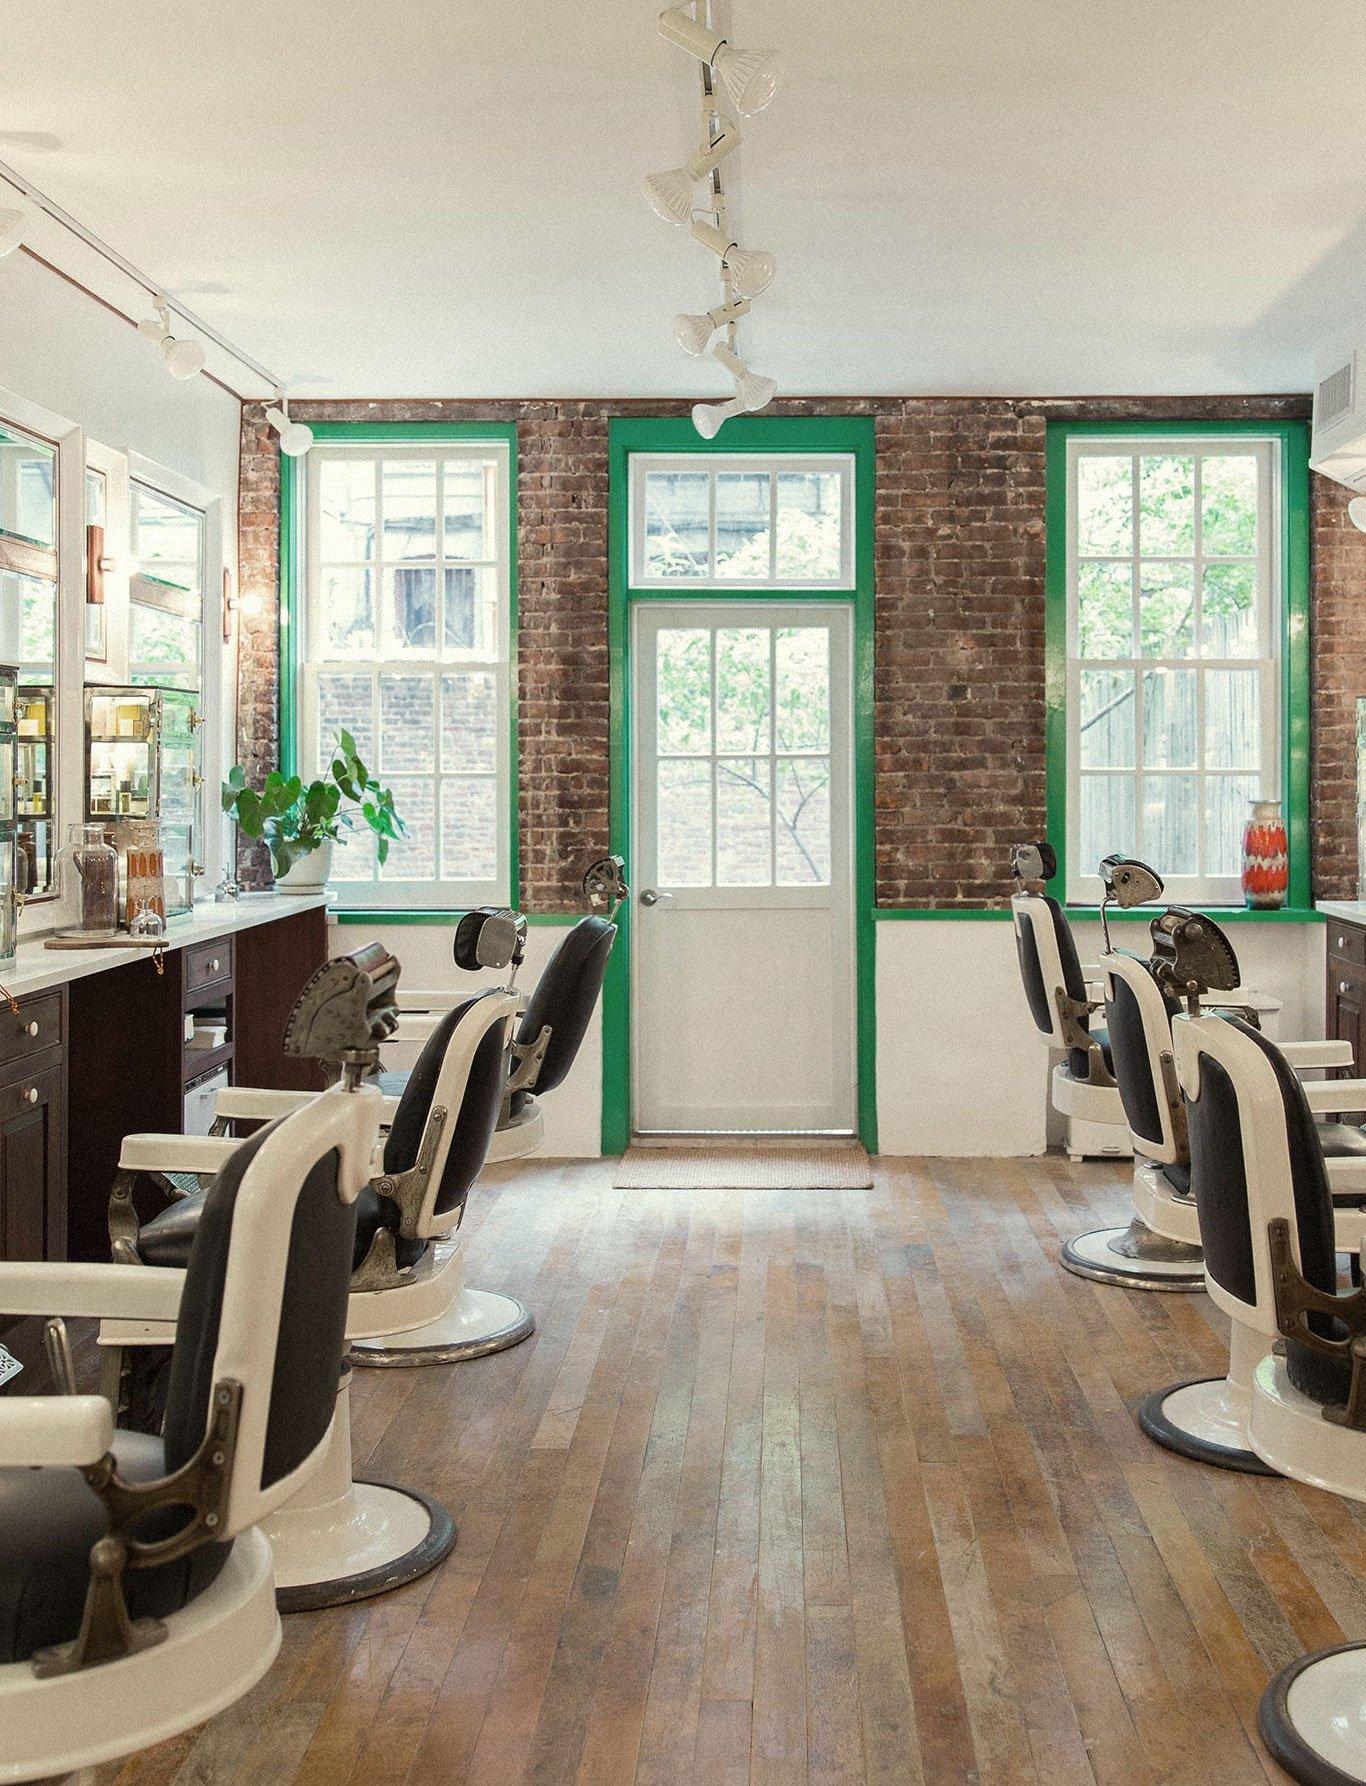 Interior of Fellow barbershop in Williamsburg, Brooklyn, branding by RoAndCo